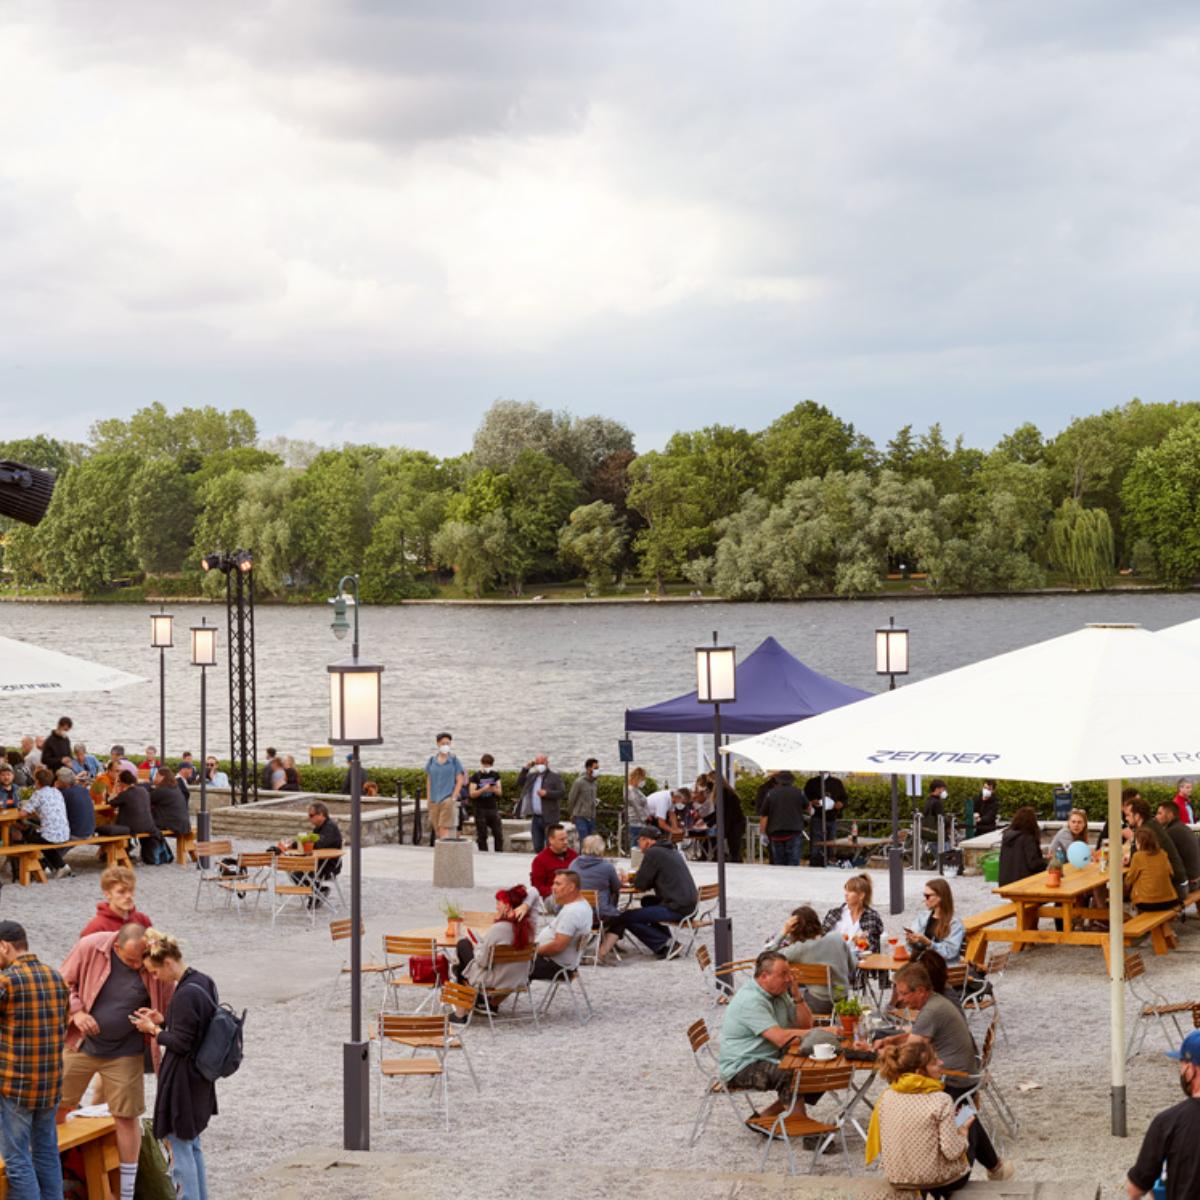 Bier- und Weingarten by Janek Grahmann